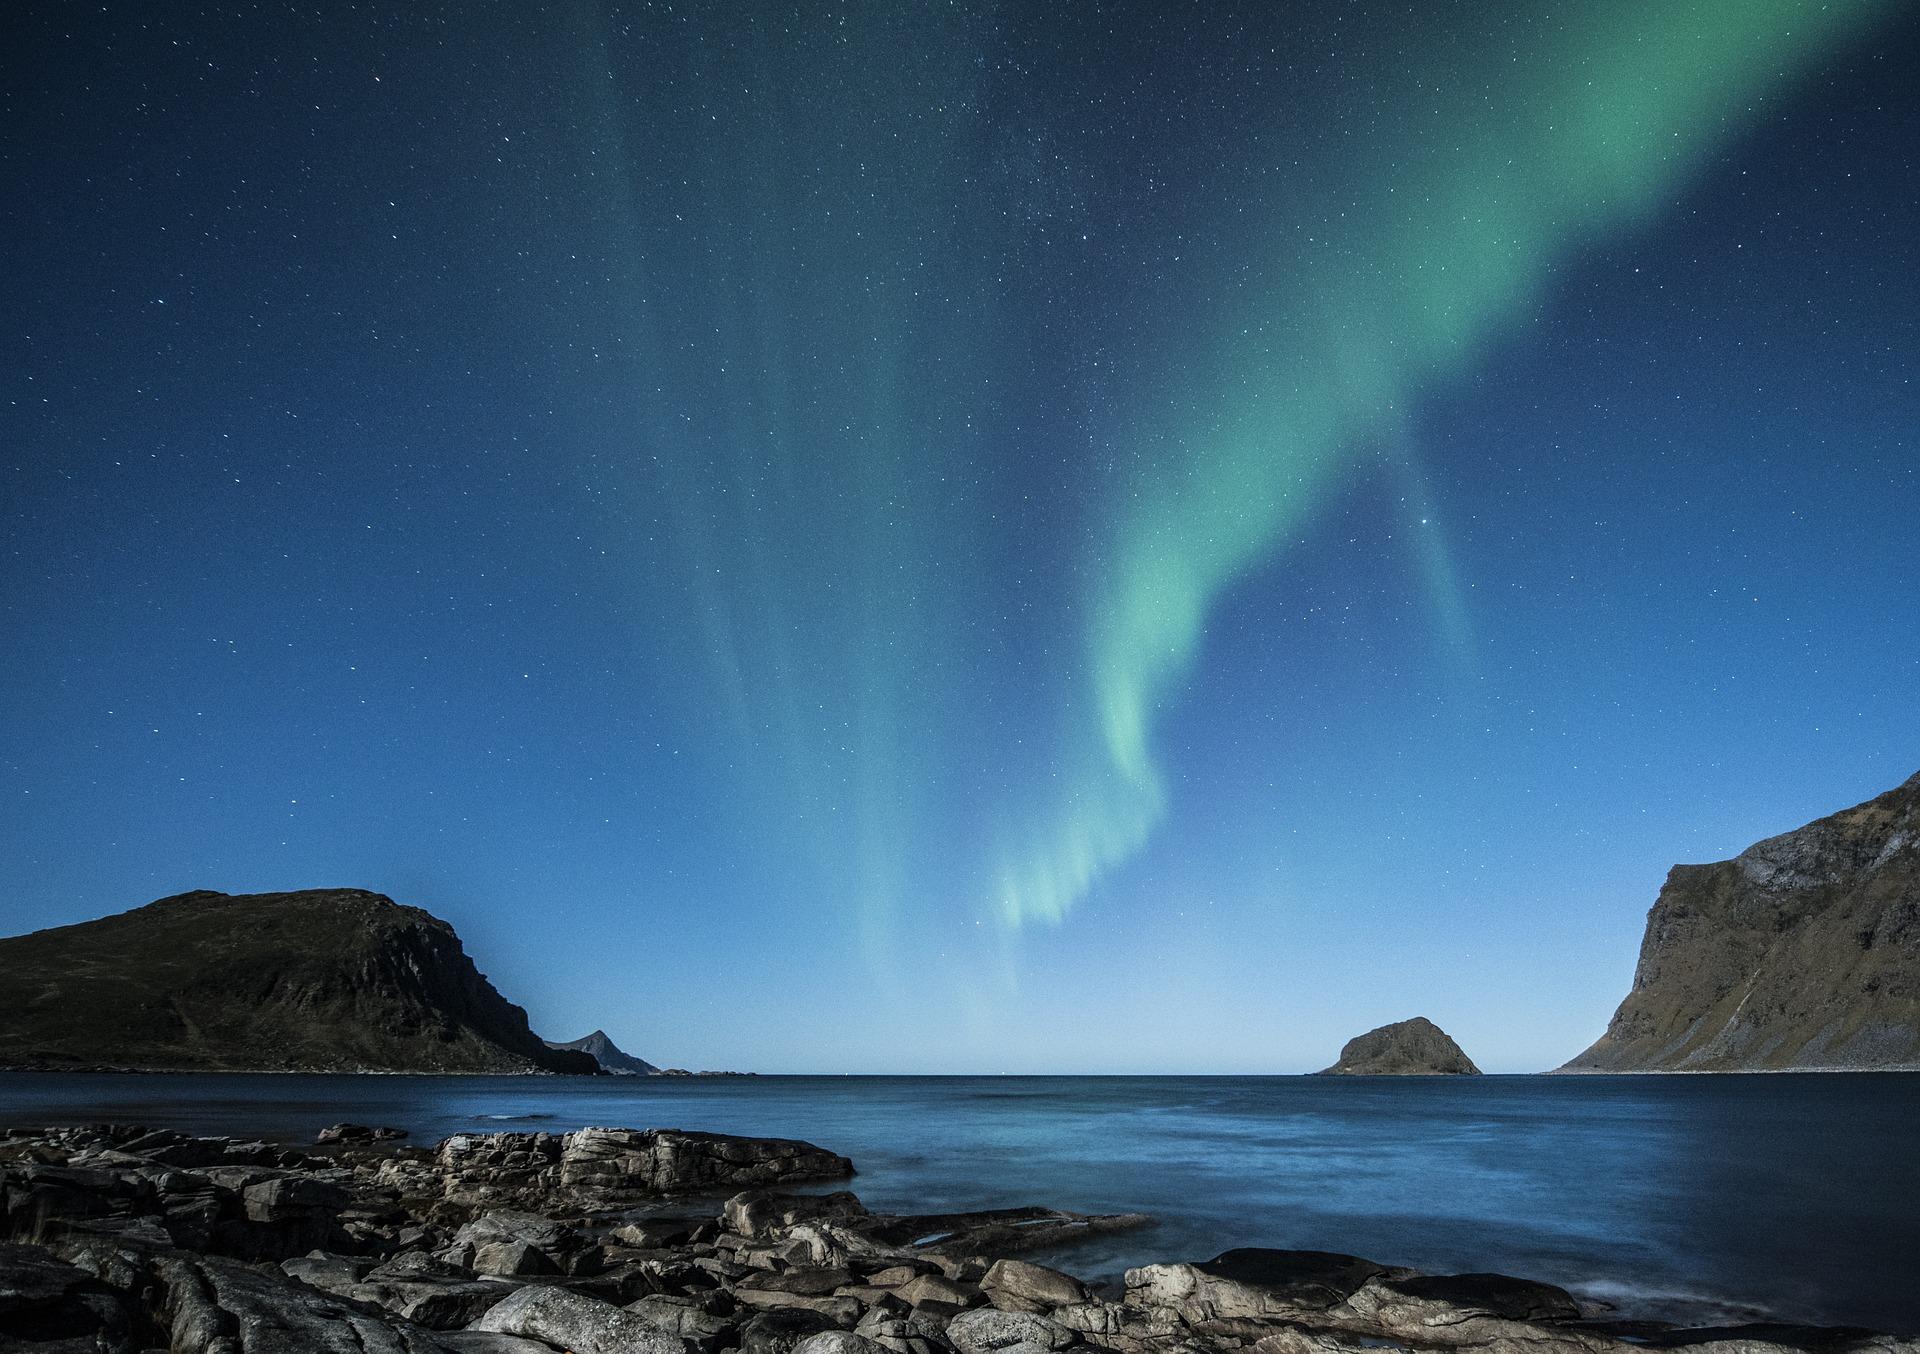 aurore boréale norvege lofoten